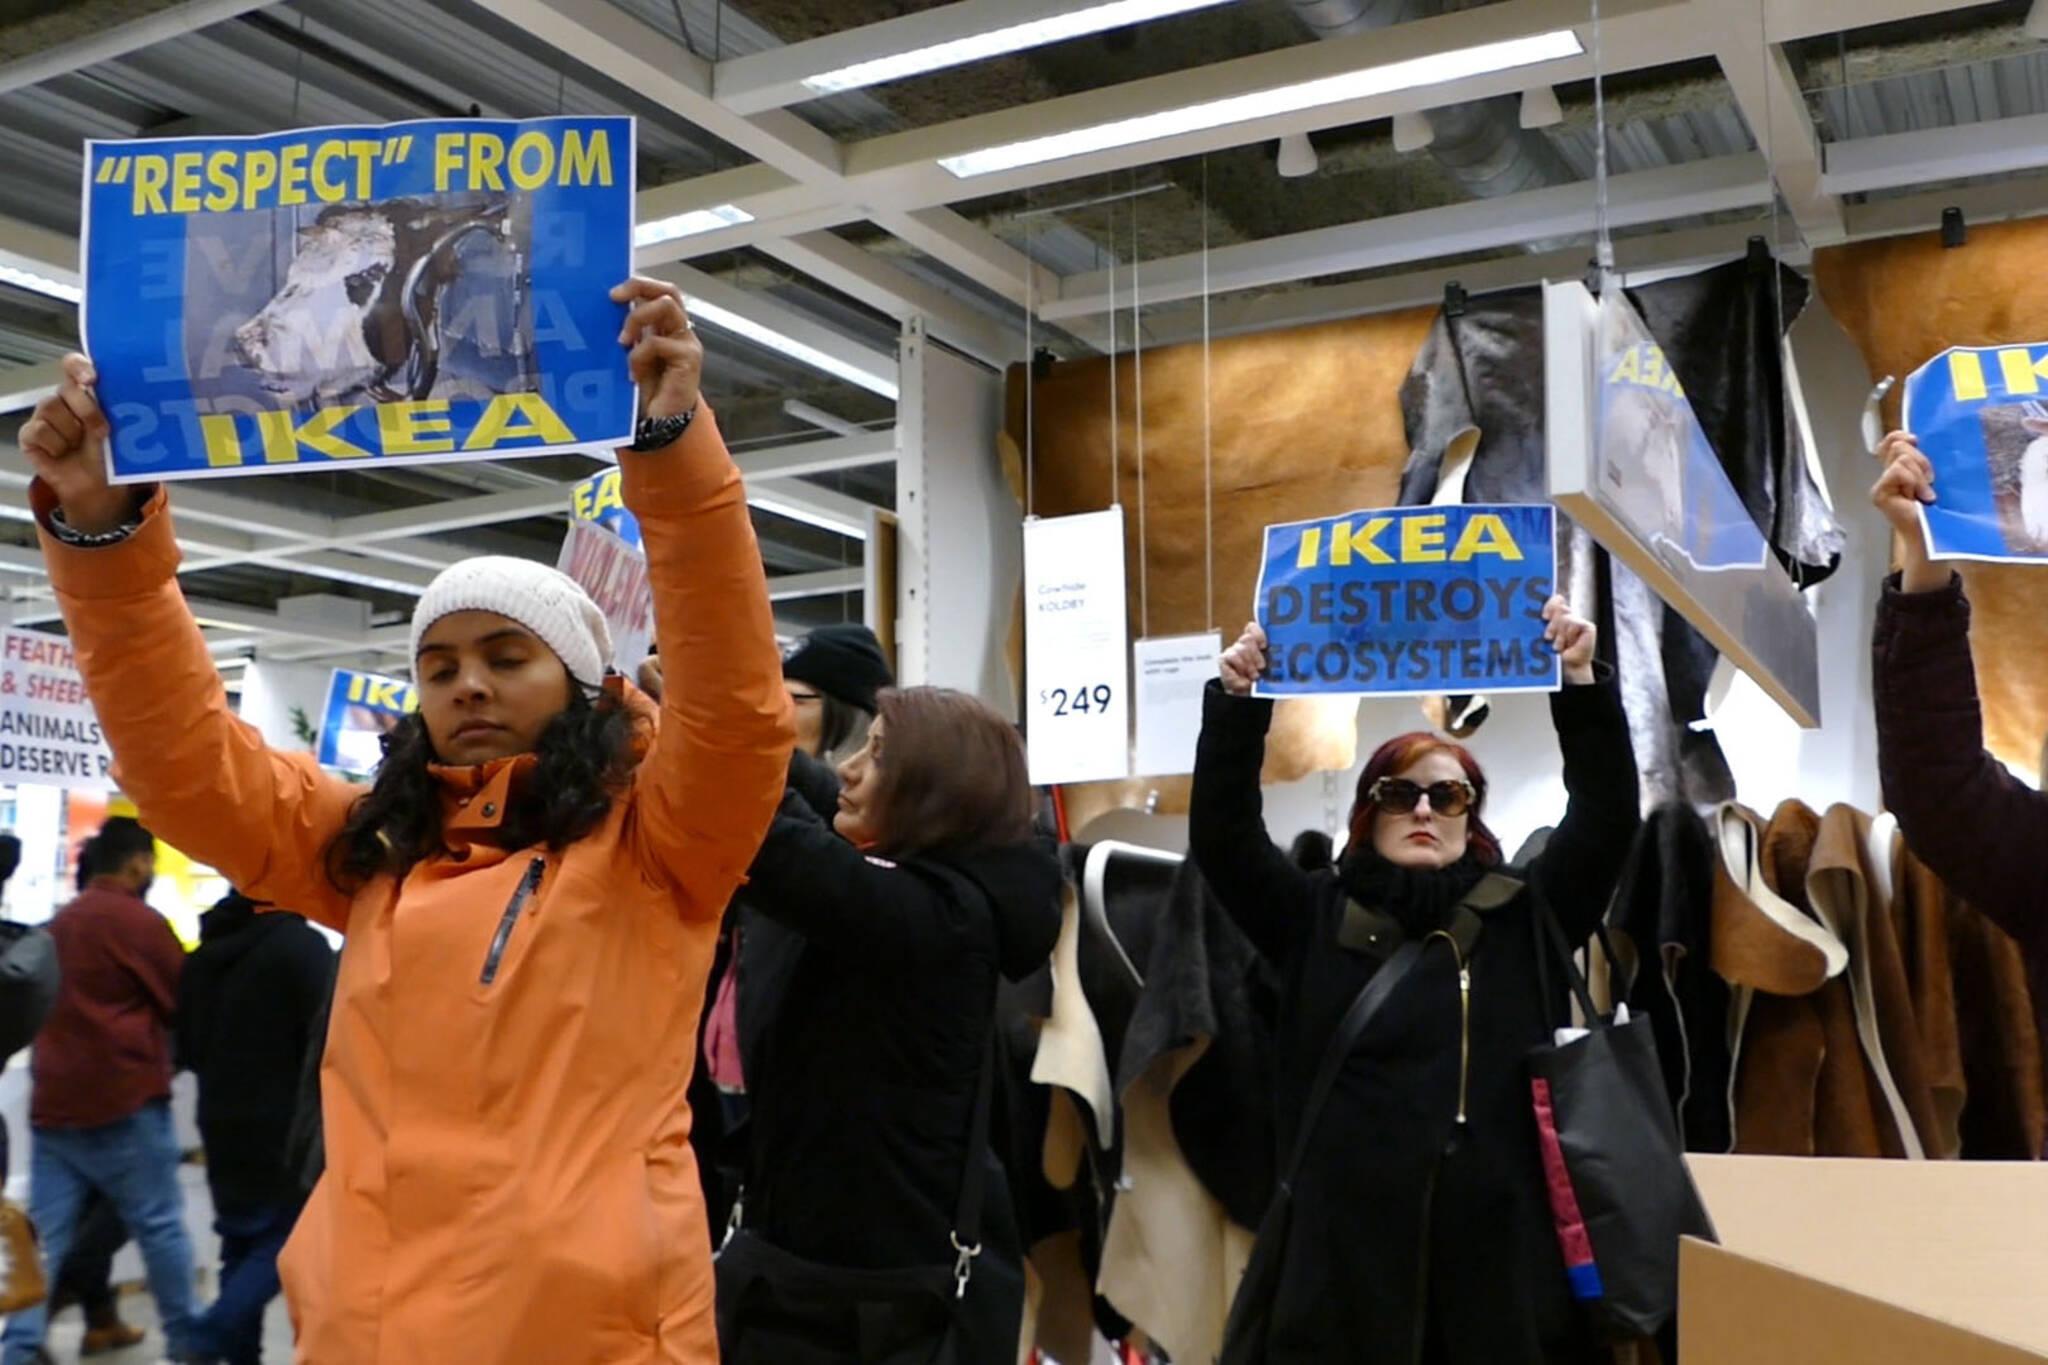 Ikea fur protest